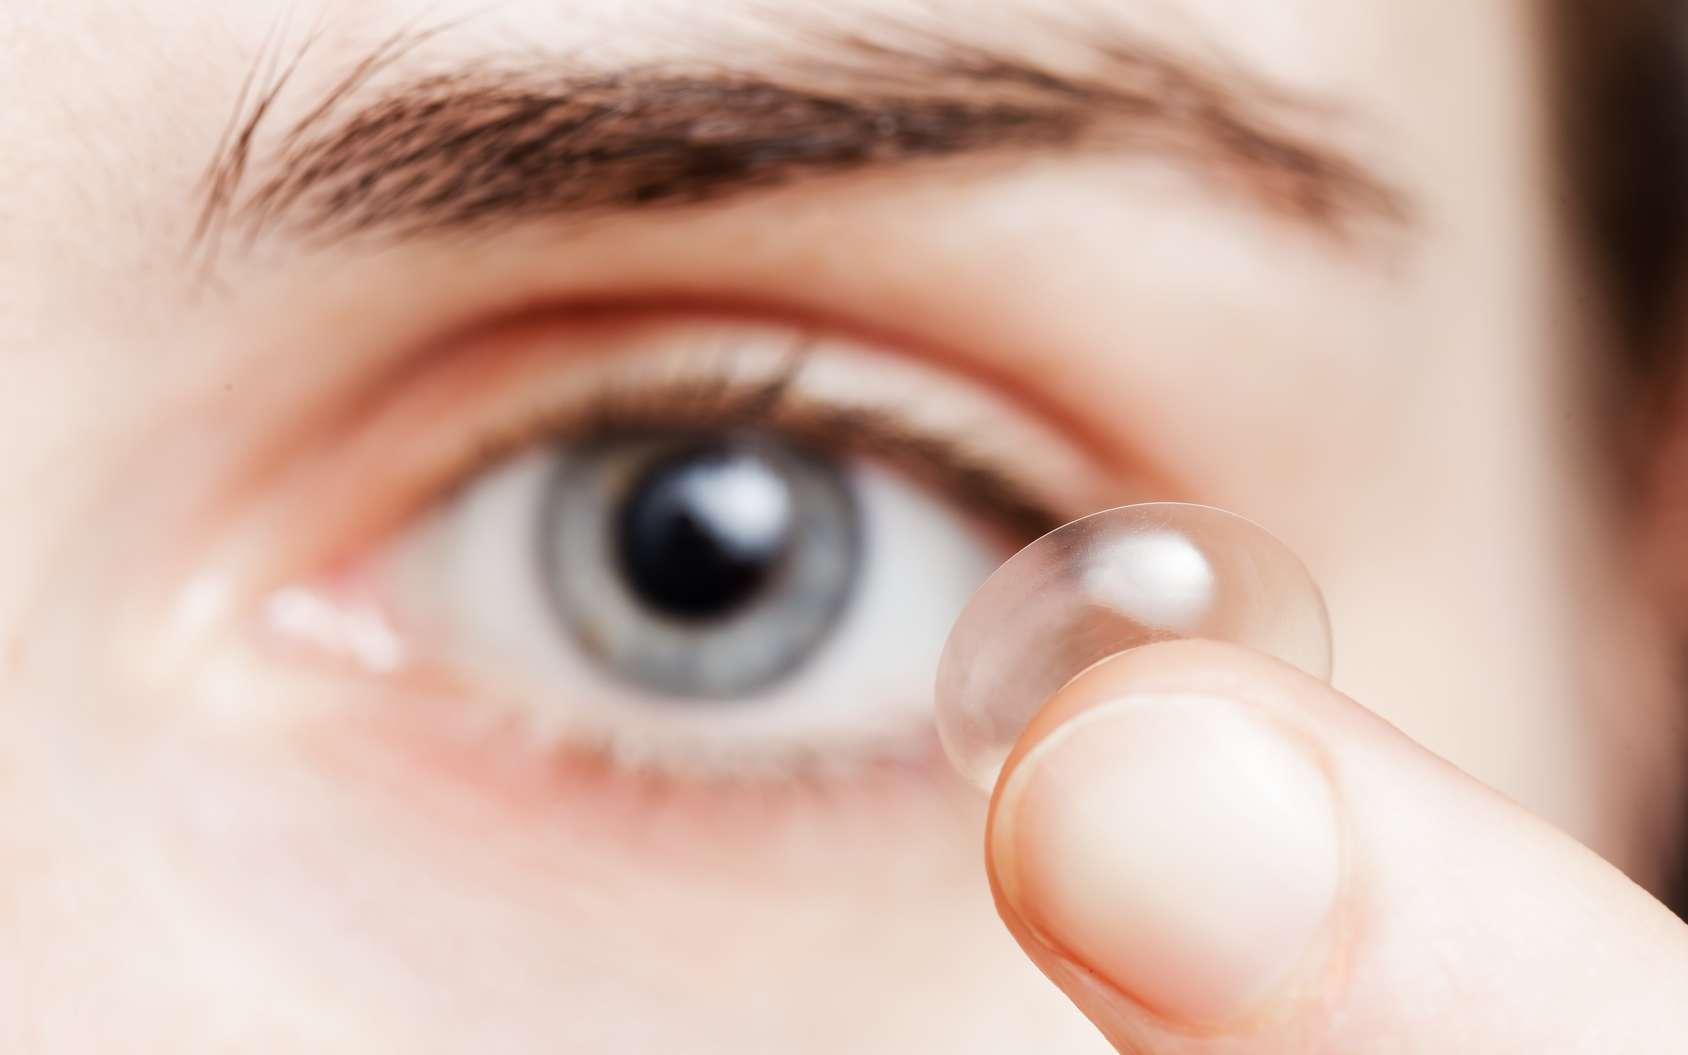 Un tiers de porteurs de lentilles avouent avoir déjà gardé ses lentilles pour dormir la nuit. © Victor Koldunov, Fotolia